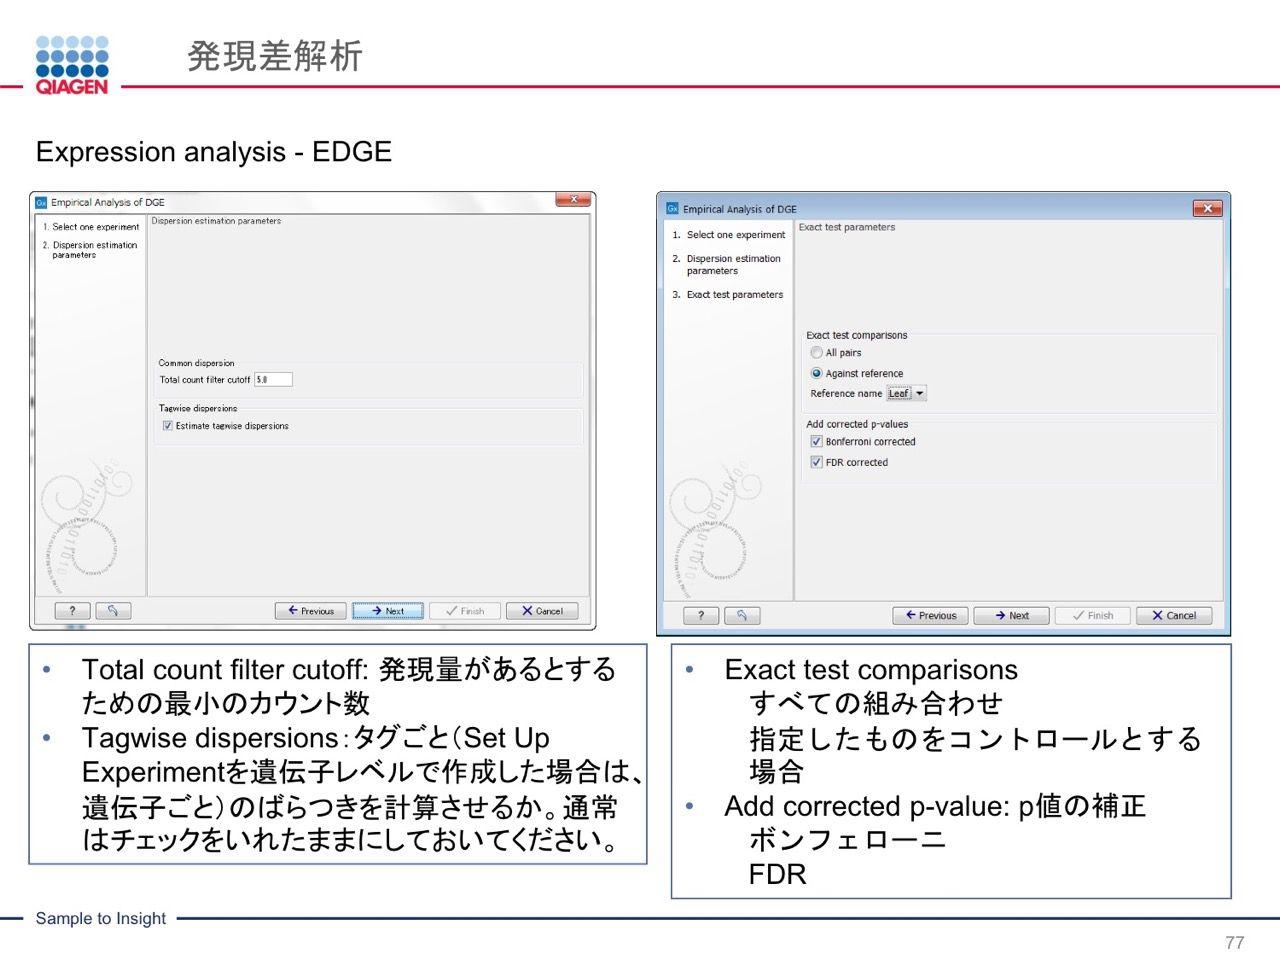 images/AJACSa2_miyamoto_077.jpg